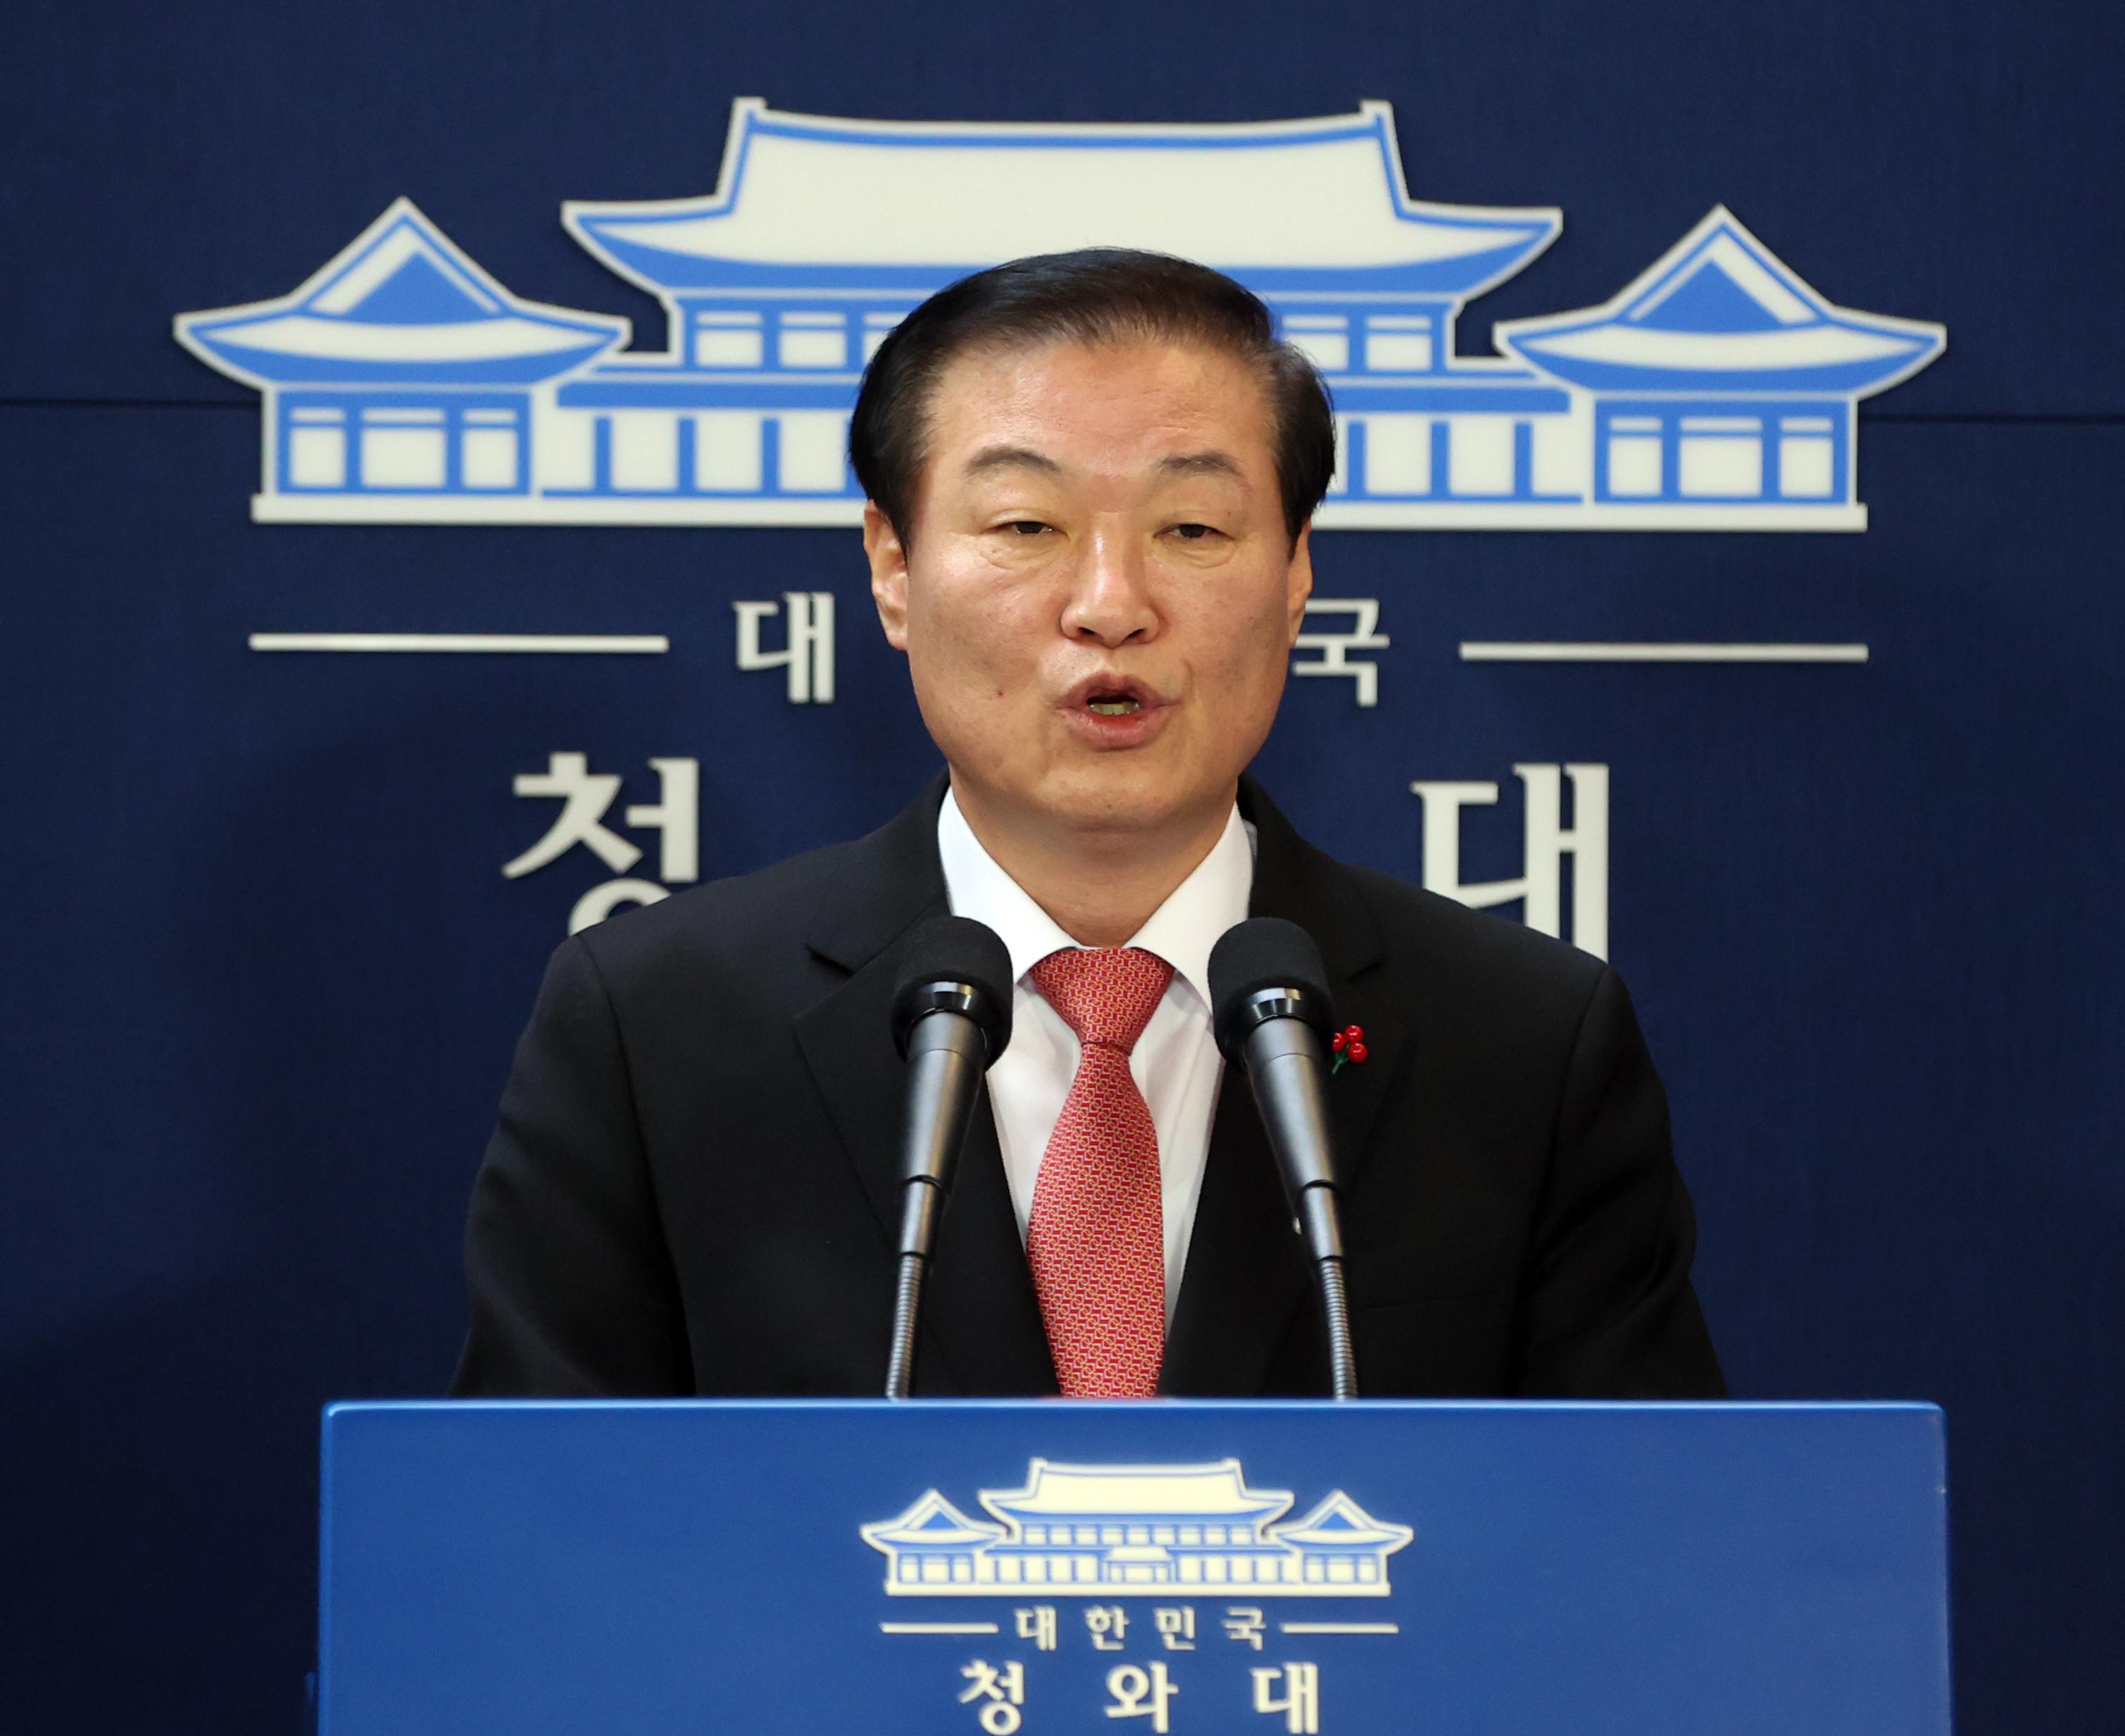 ▲▼南韓青瓦台國民溝通首席鄭萬昊20日宣佈內閣改組消息。(圖/達志影像)